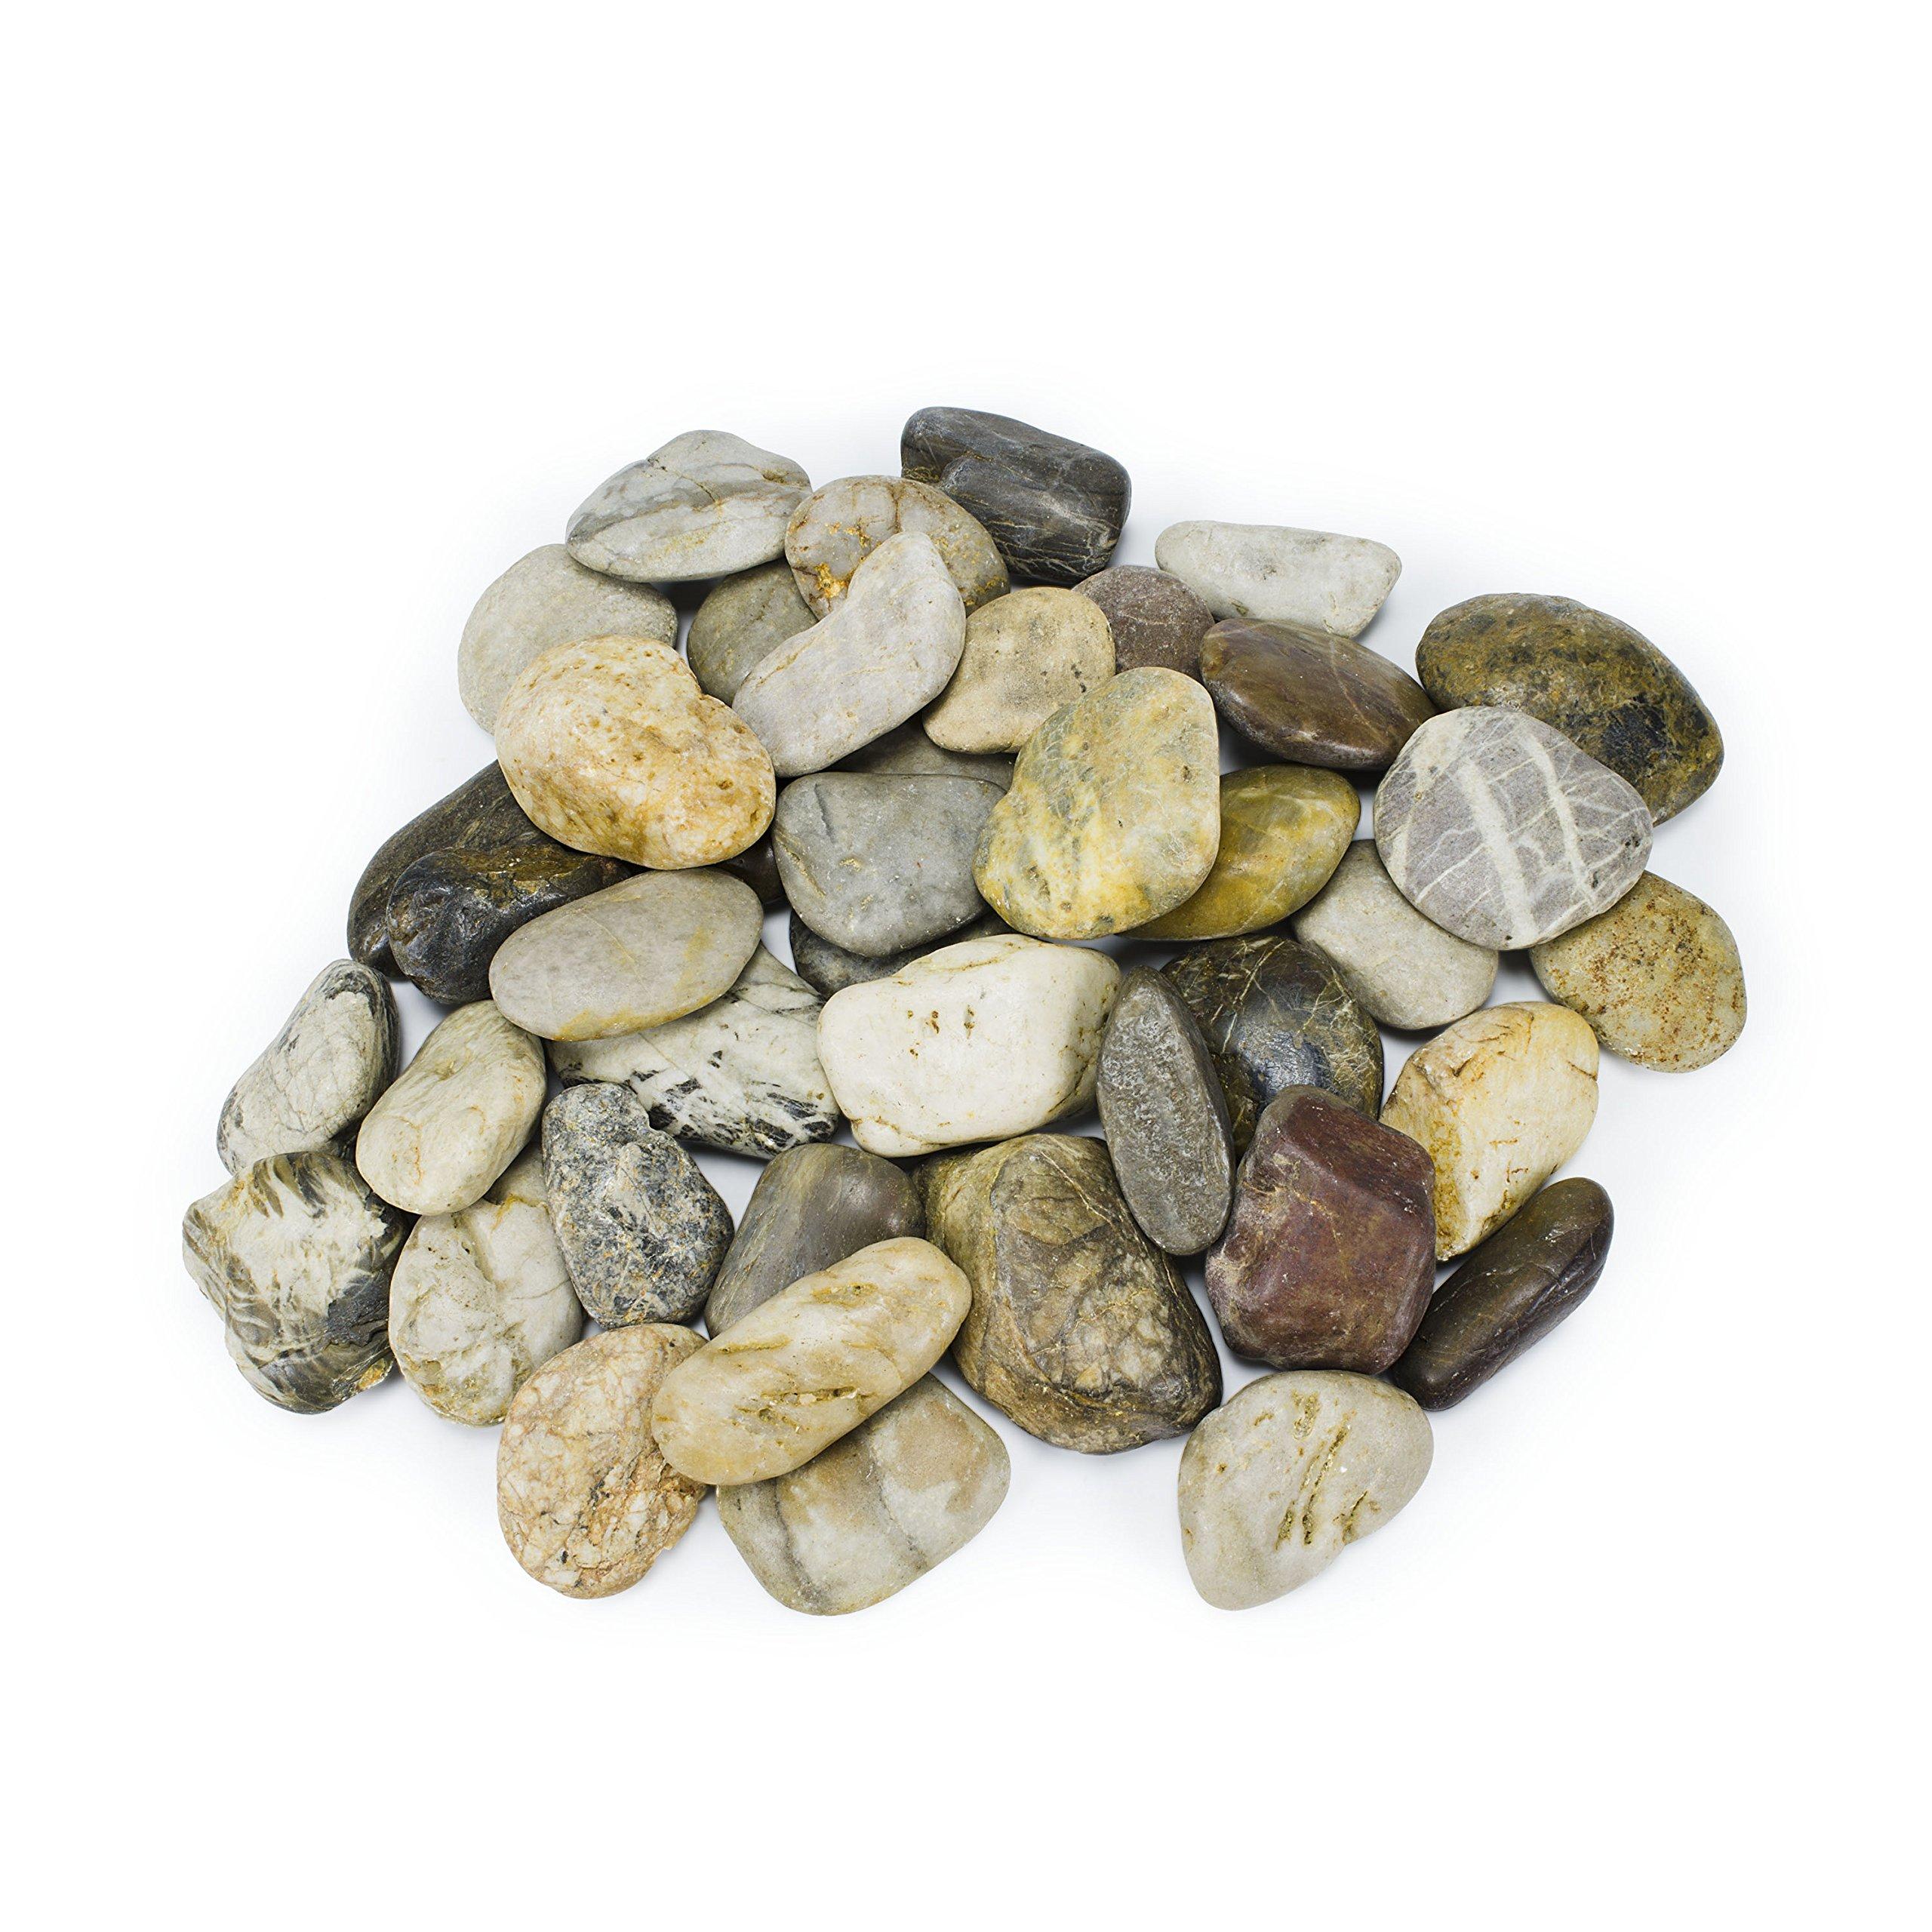 Aquascape Decorative River Stone Pebbles 22 lbs / 10 kg. - 78160 78161 (Mixed)